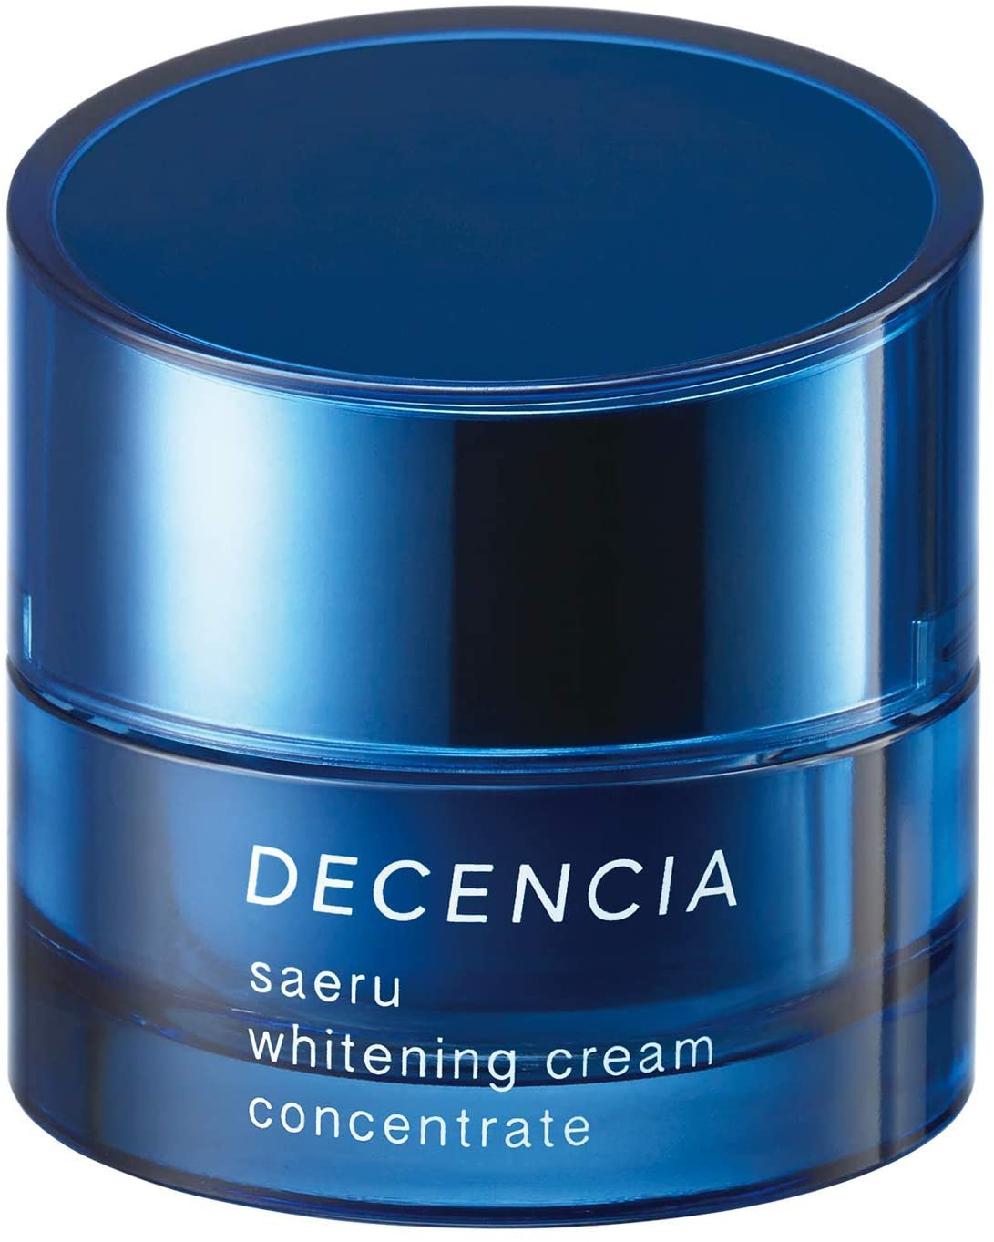 DECENCIA(ディセンシア)サエル ホワイトニング クリーム コンセントレートの商品画像6